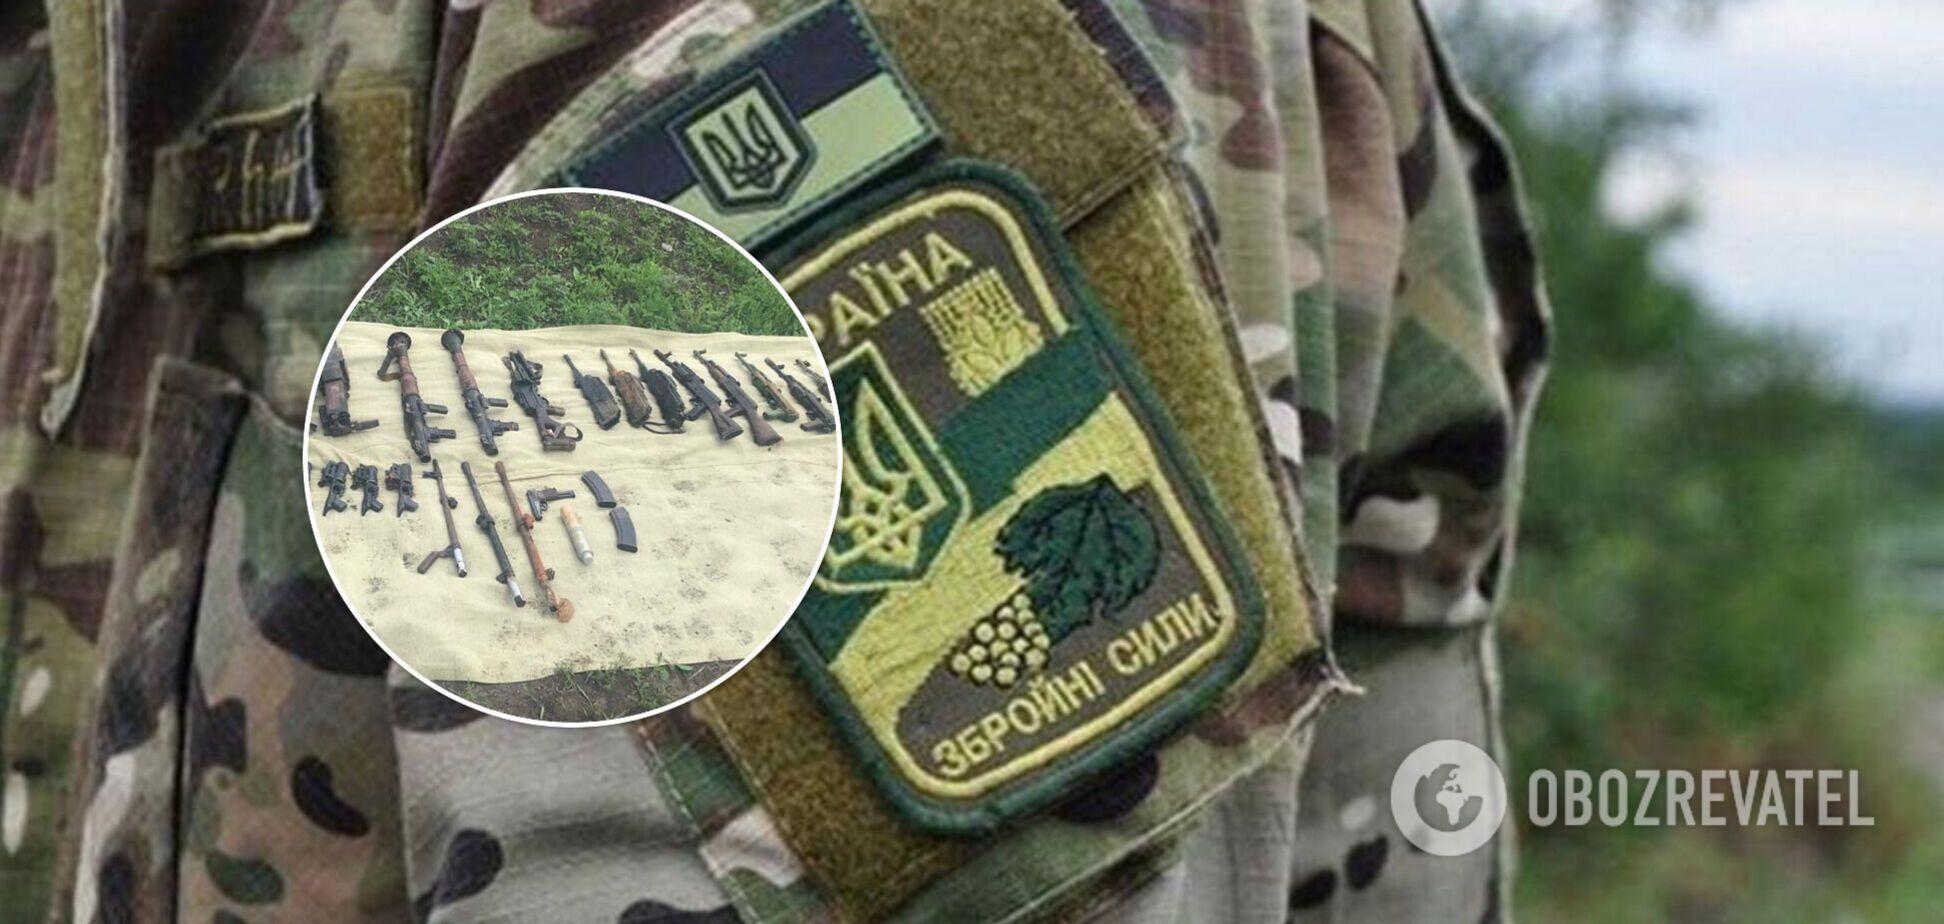 СБУ разоблачила военных, пытавшихся продать оружие из зоны ООС. Фото и видео